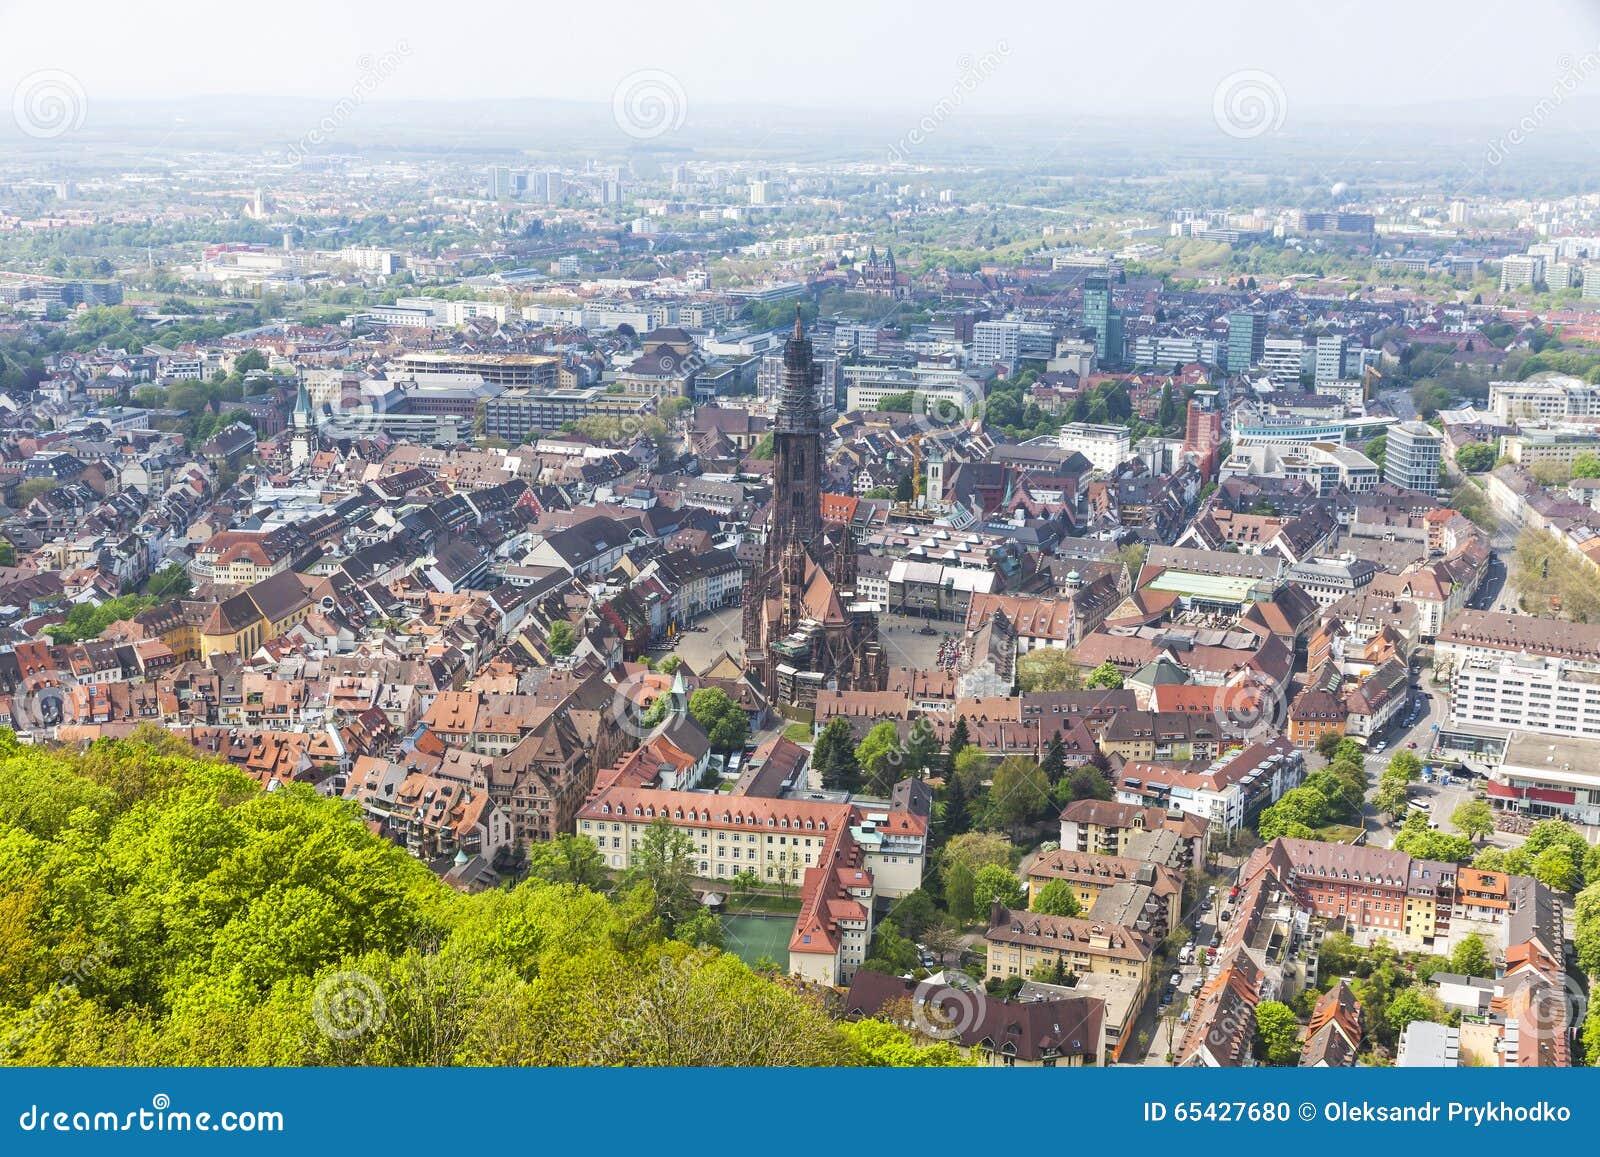 Aerial View Of Freiburg Im Breisgau Germany Stock Photo